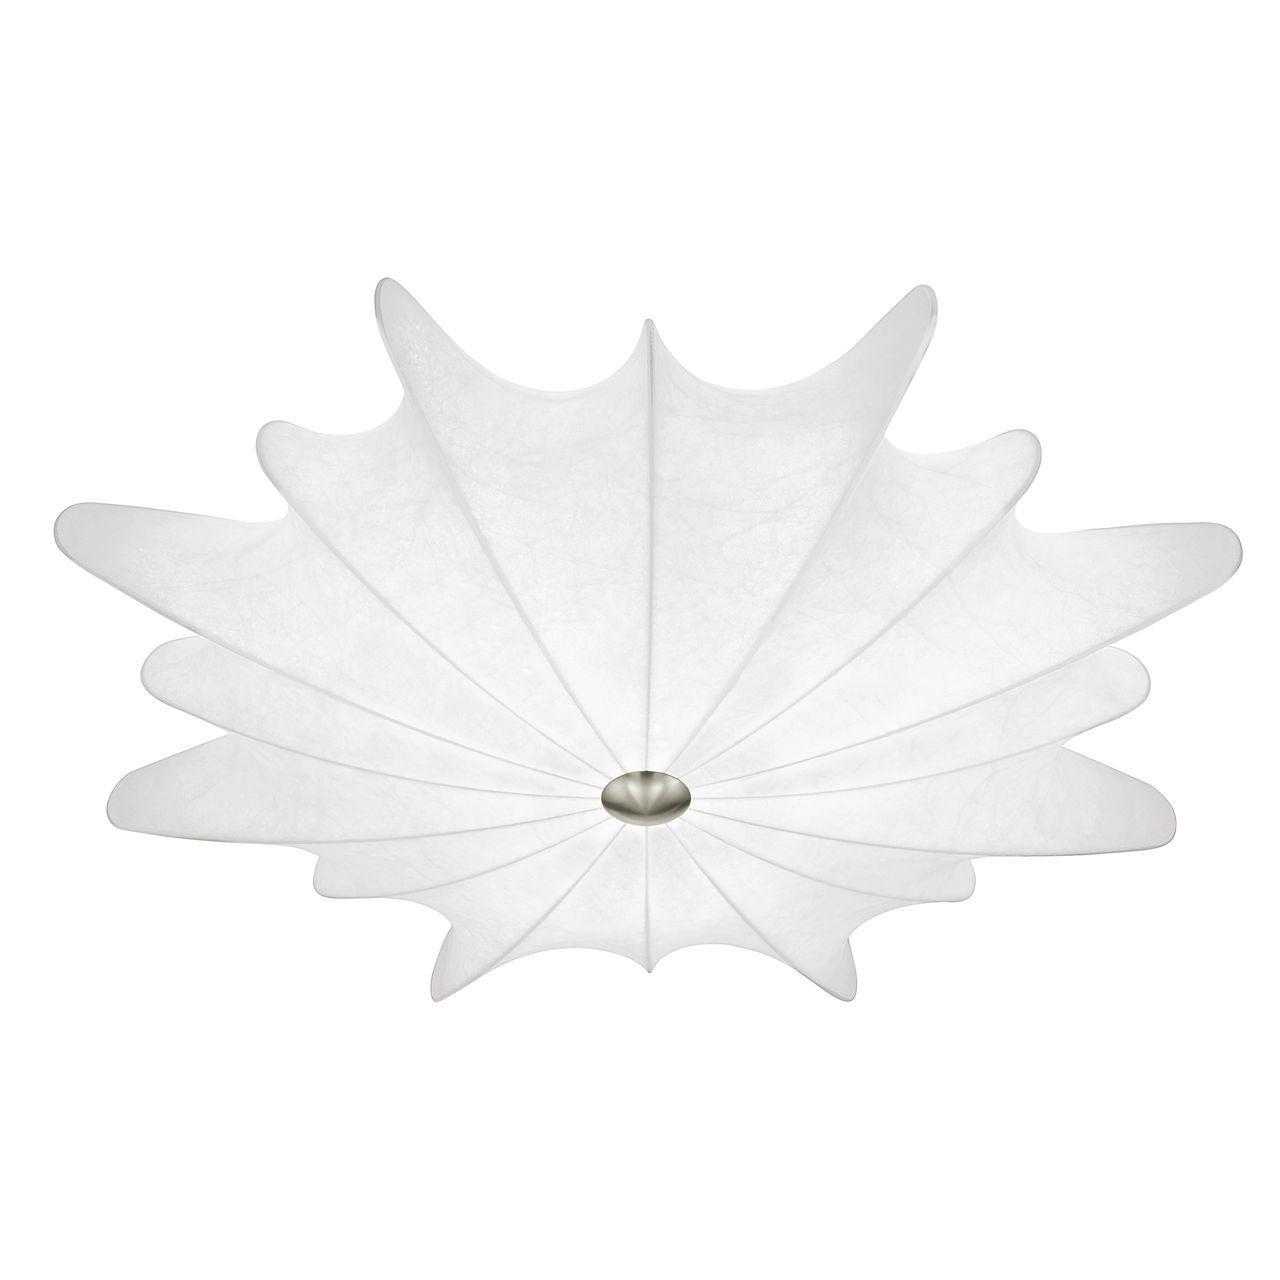 Купить Потолочный светильник Eglo Calandra в интернет магазине дизайнерской мебели и аксессуаров для дома и дачи